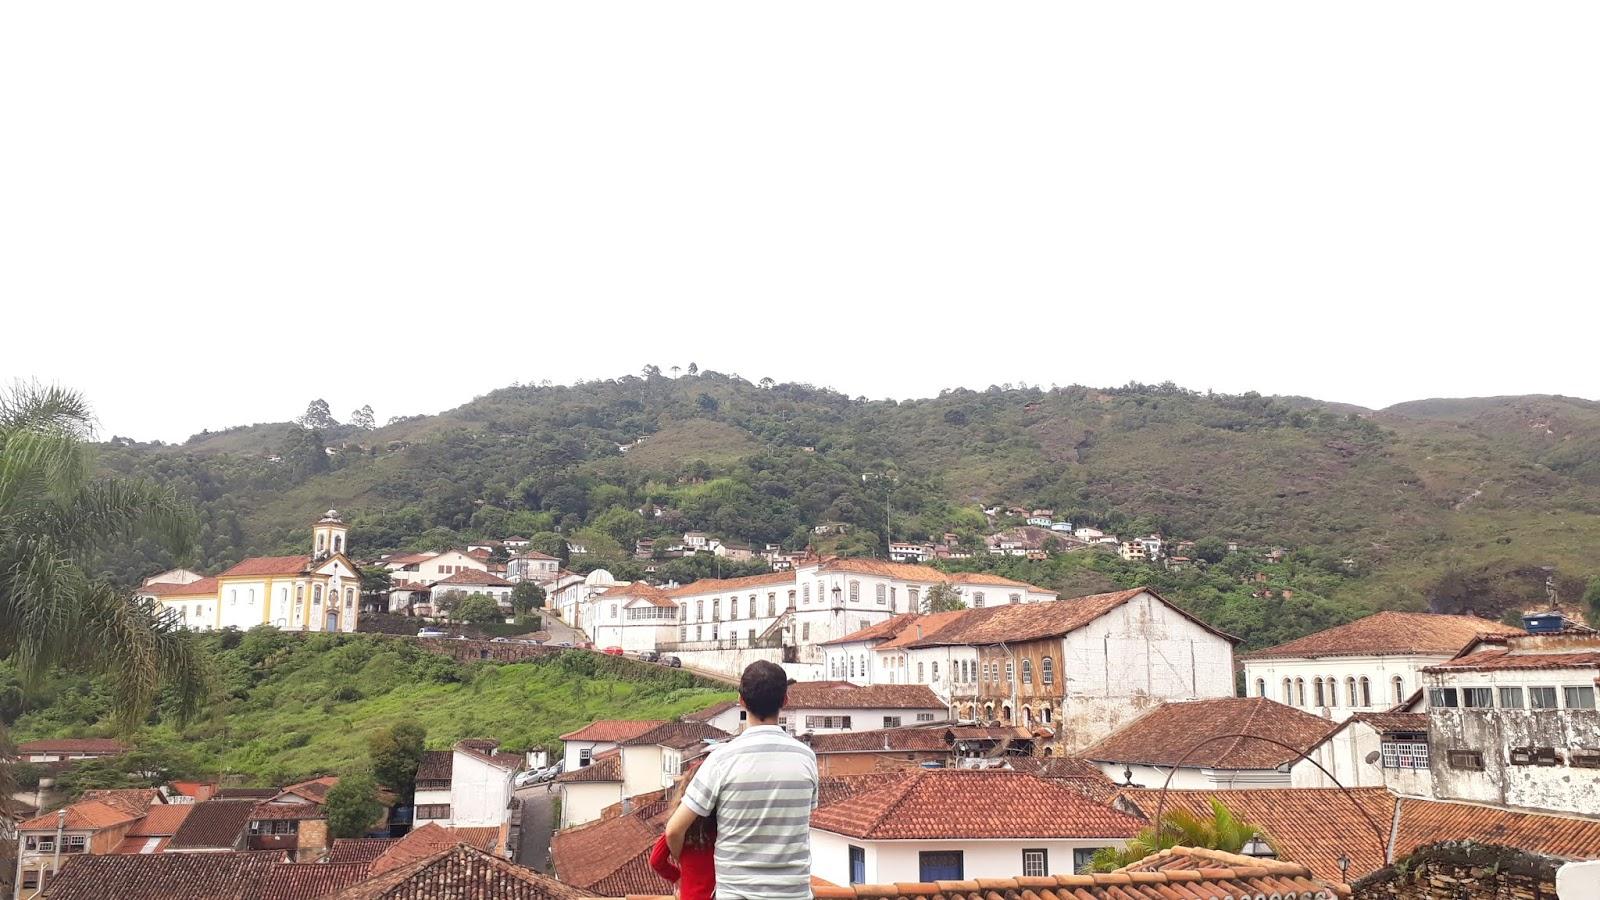 Vista para a cidade de Ouro Preto a partir do interior da Igreja de Nossa Senhora do Carmo